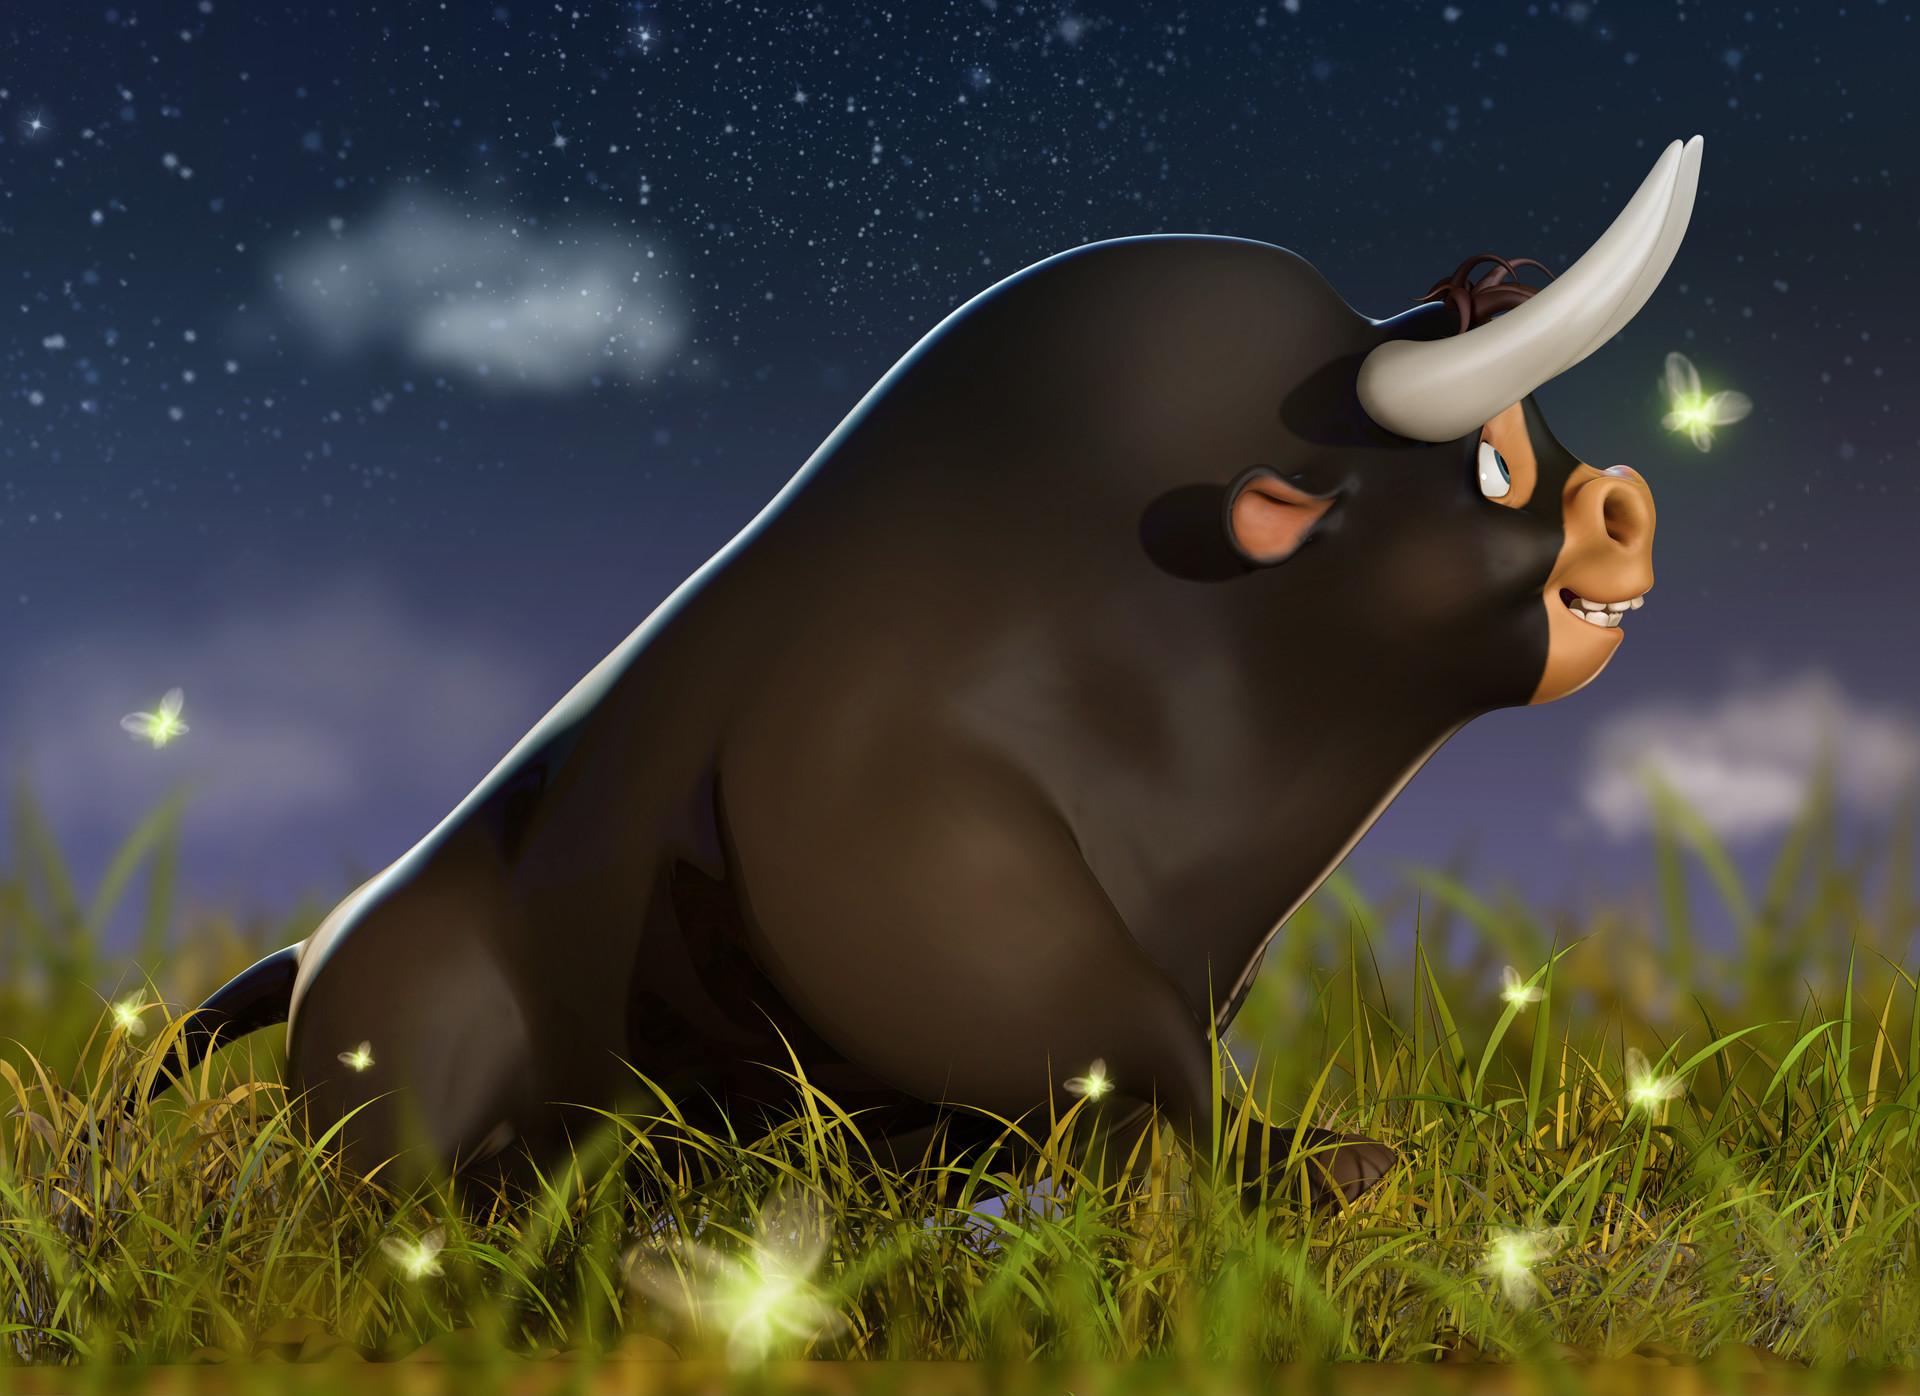 фотографии быков мульт оригинальные